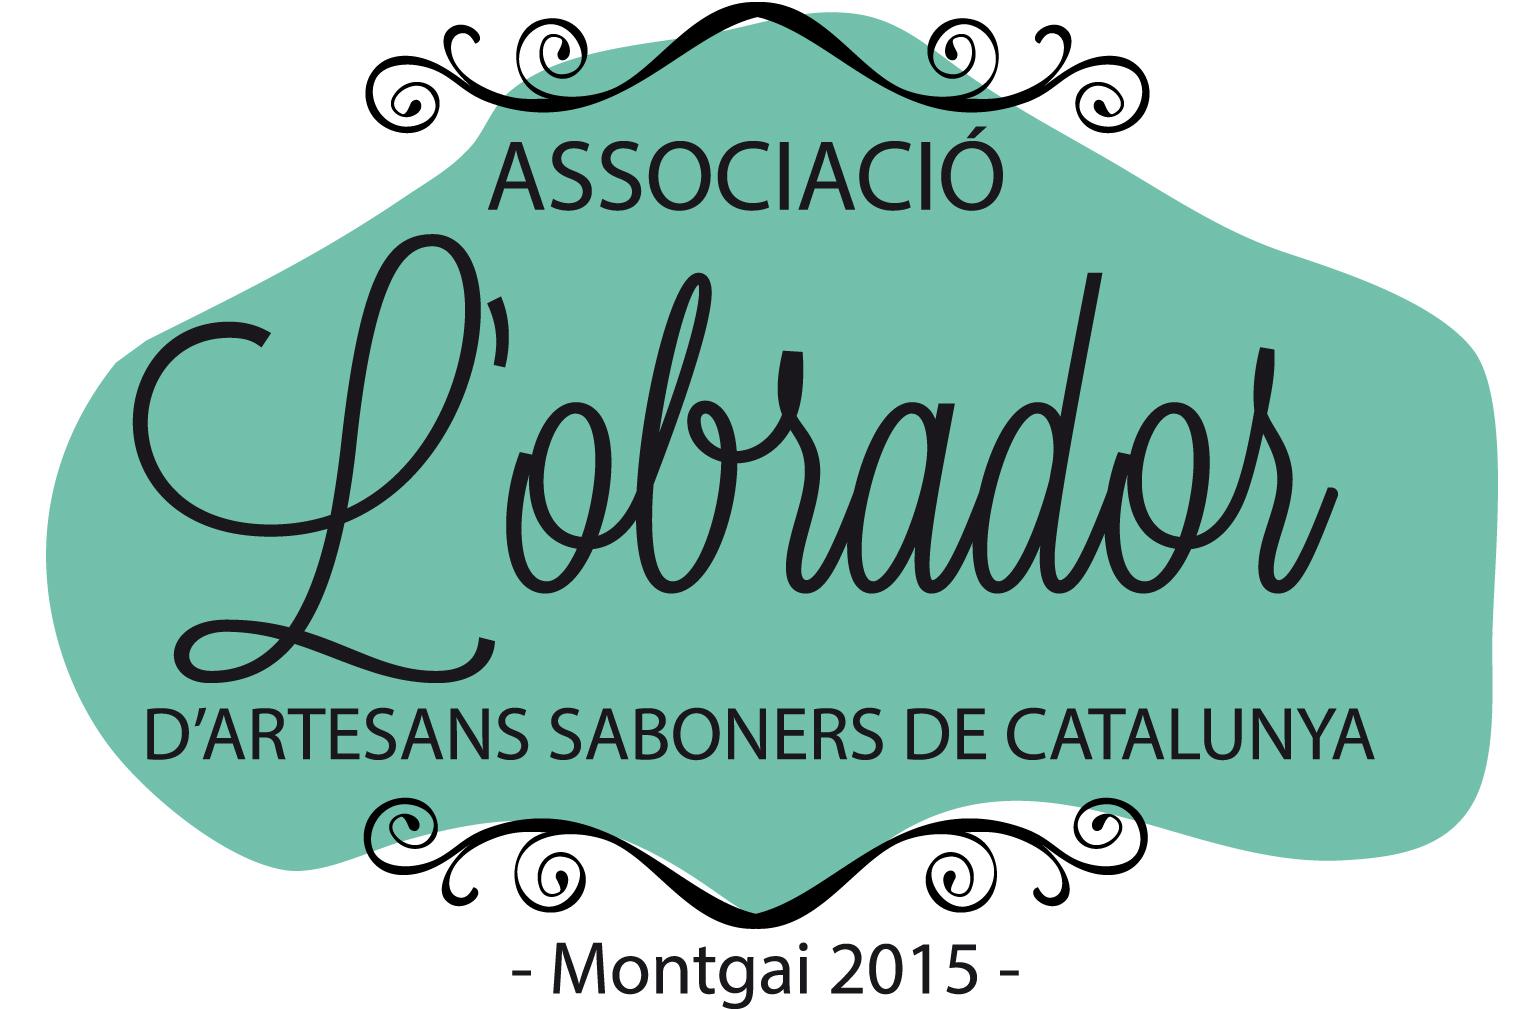 ASSOCIACIO L'OBRADOR D'ARTESANS SABONERS DE CATALUNYA